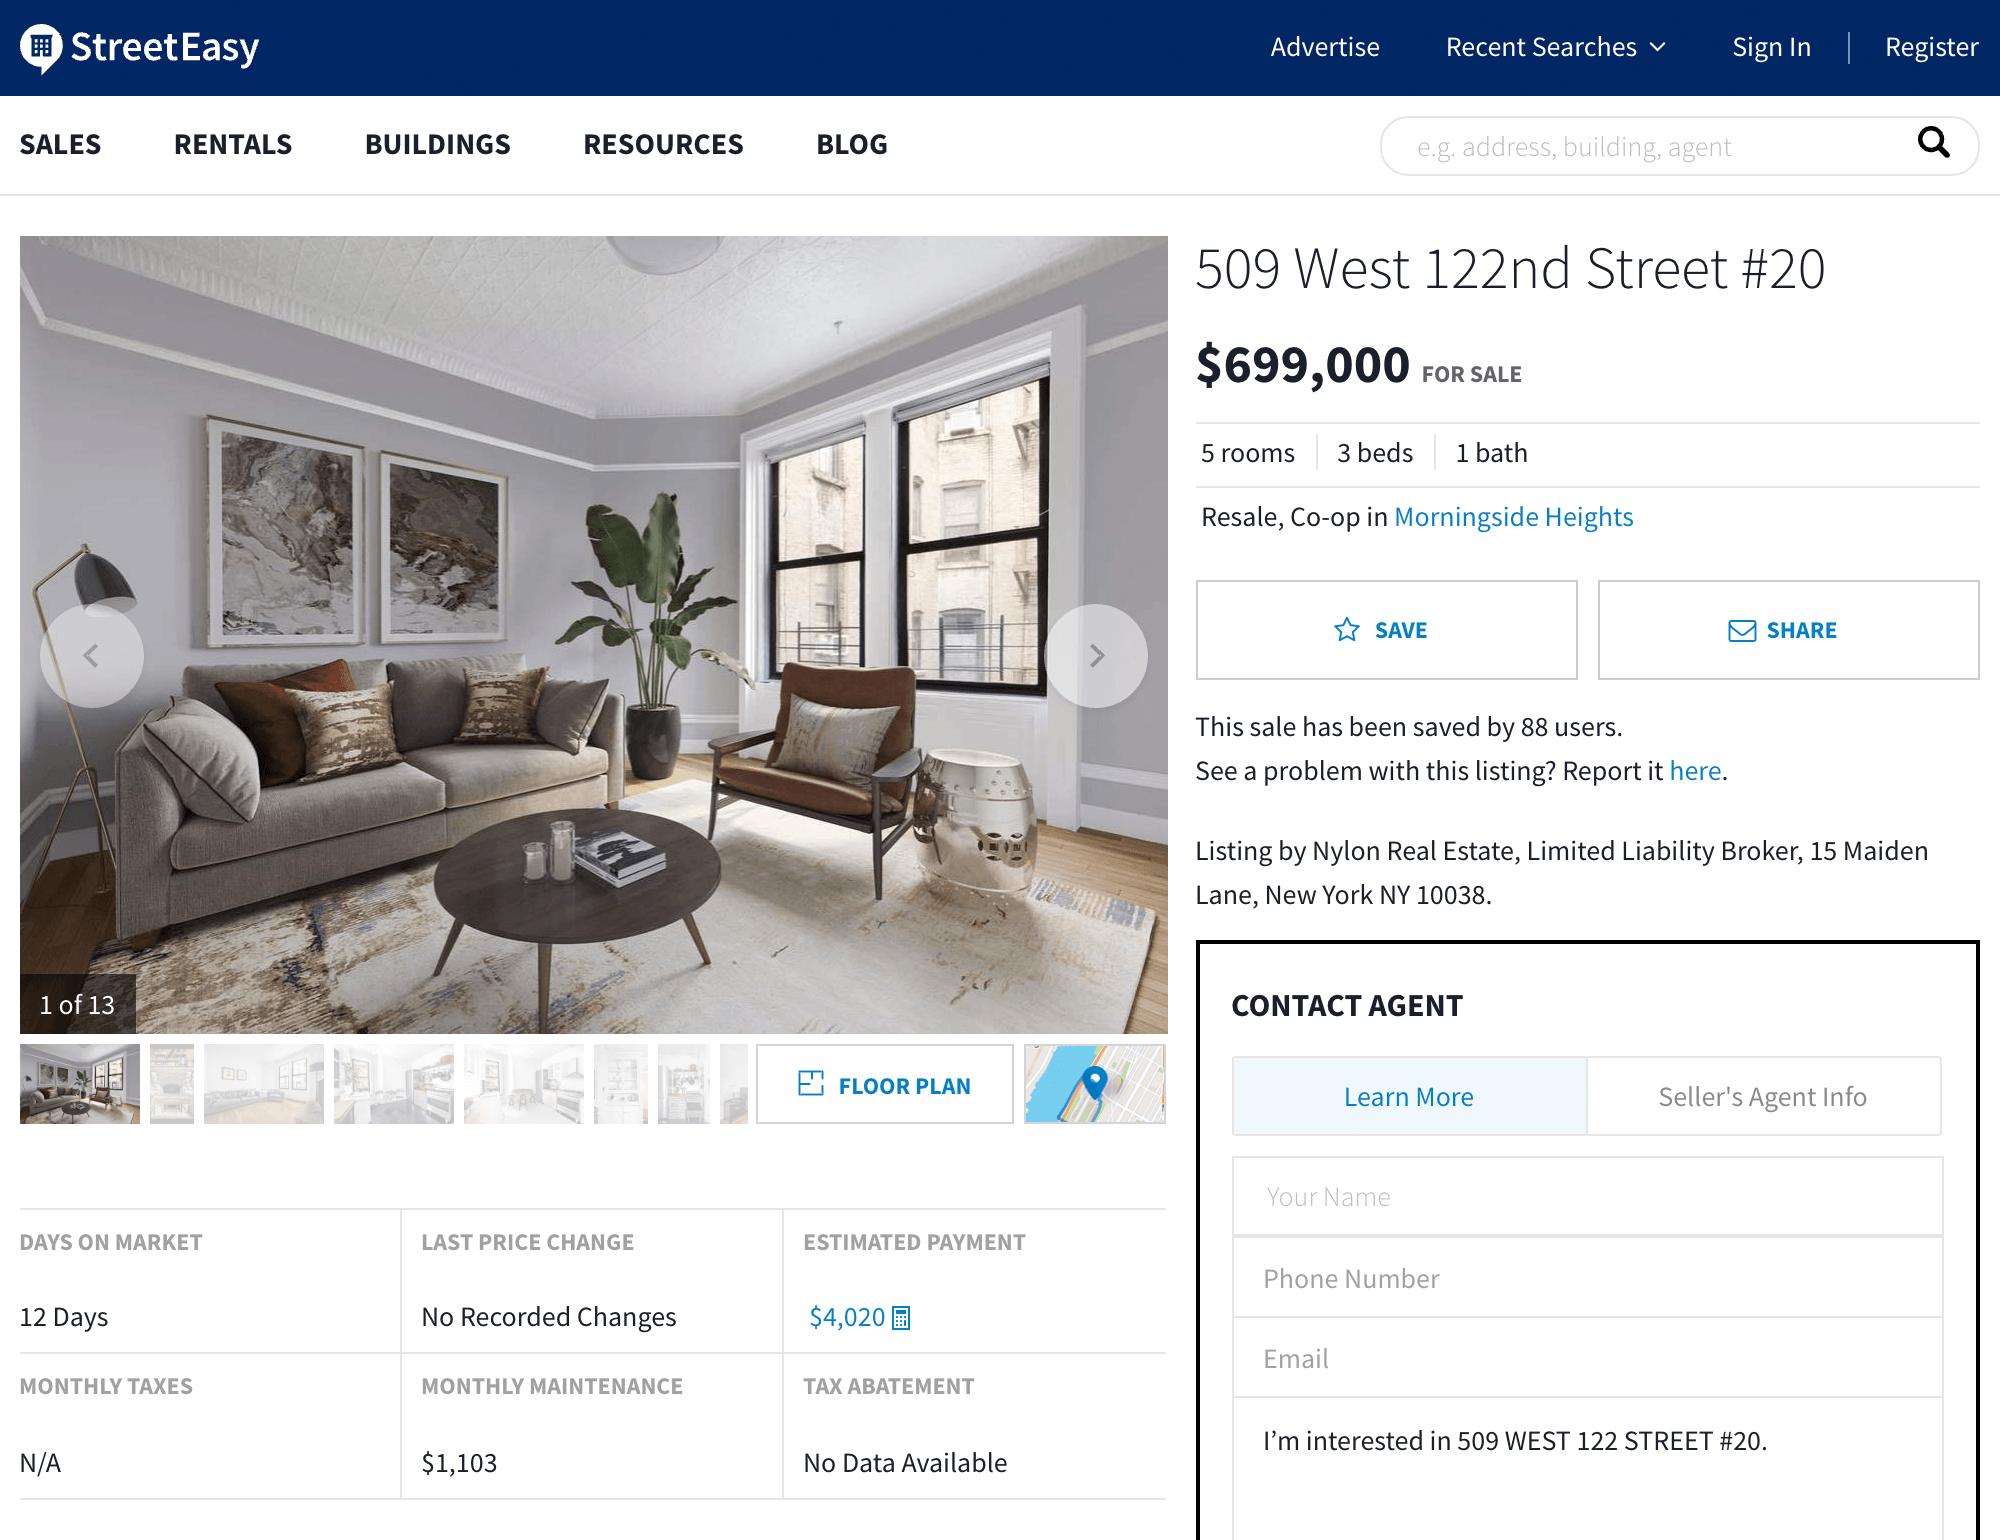 В Нью-Йорке востребована профессия риал-эстейт-фотографа: то, что вы видите на превью, не более чем широкоугольный объектив и тотальная ретушь. В квартирах на Манхэттене мало света, часто вид из окна — это стена вплотную стоящего рядом здания или окно соседа, о жизни которого знаешь больше, чем о своей